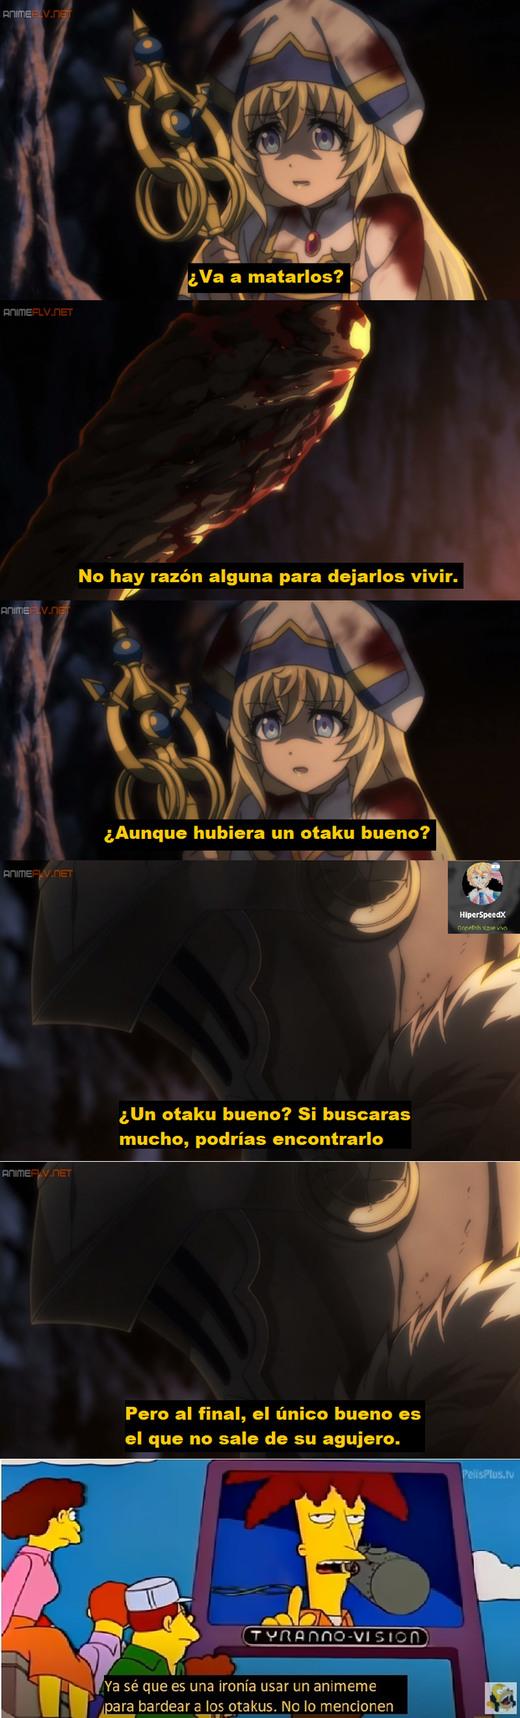 Puede que muchos en Memedroid odien realmente a los otakus. Yo sólo los bardeo por diversión. Lo único serio en mis memes es mi afán por bardear a los que usan neologismos estúpidos y a los progres